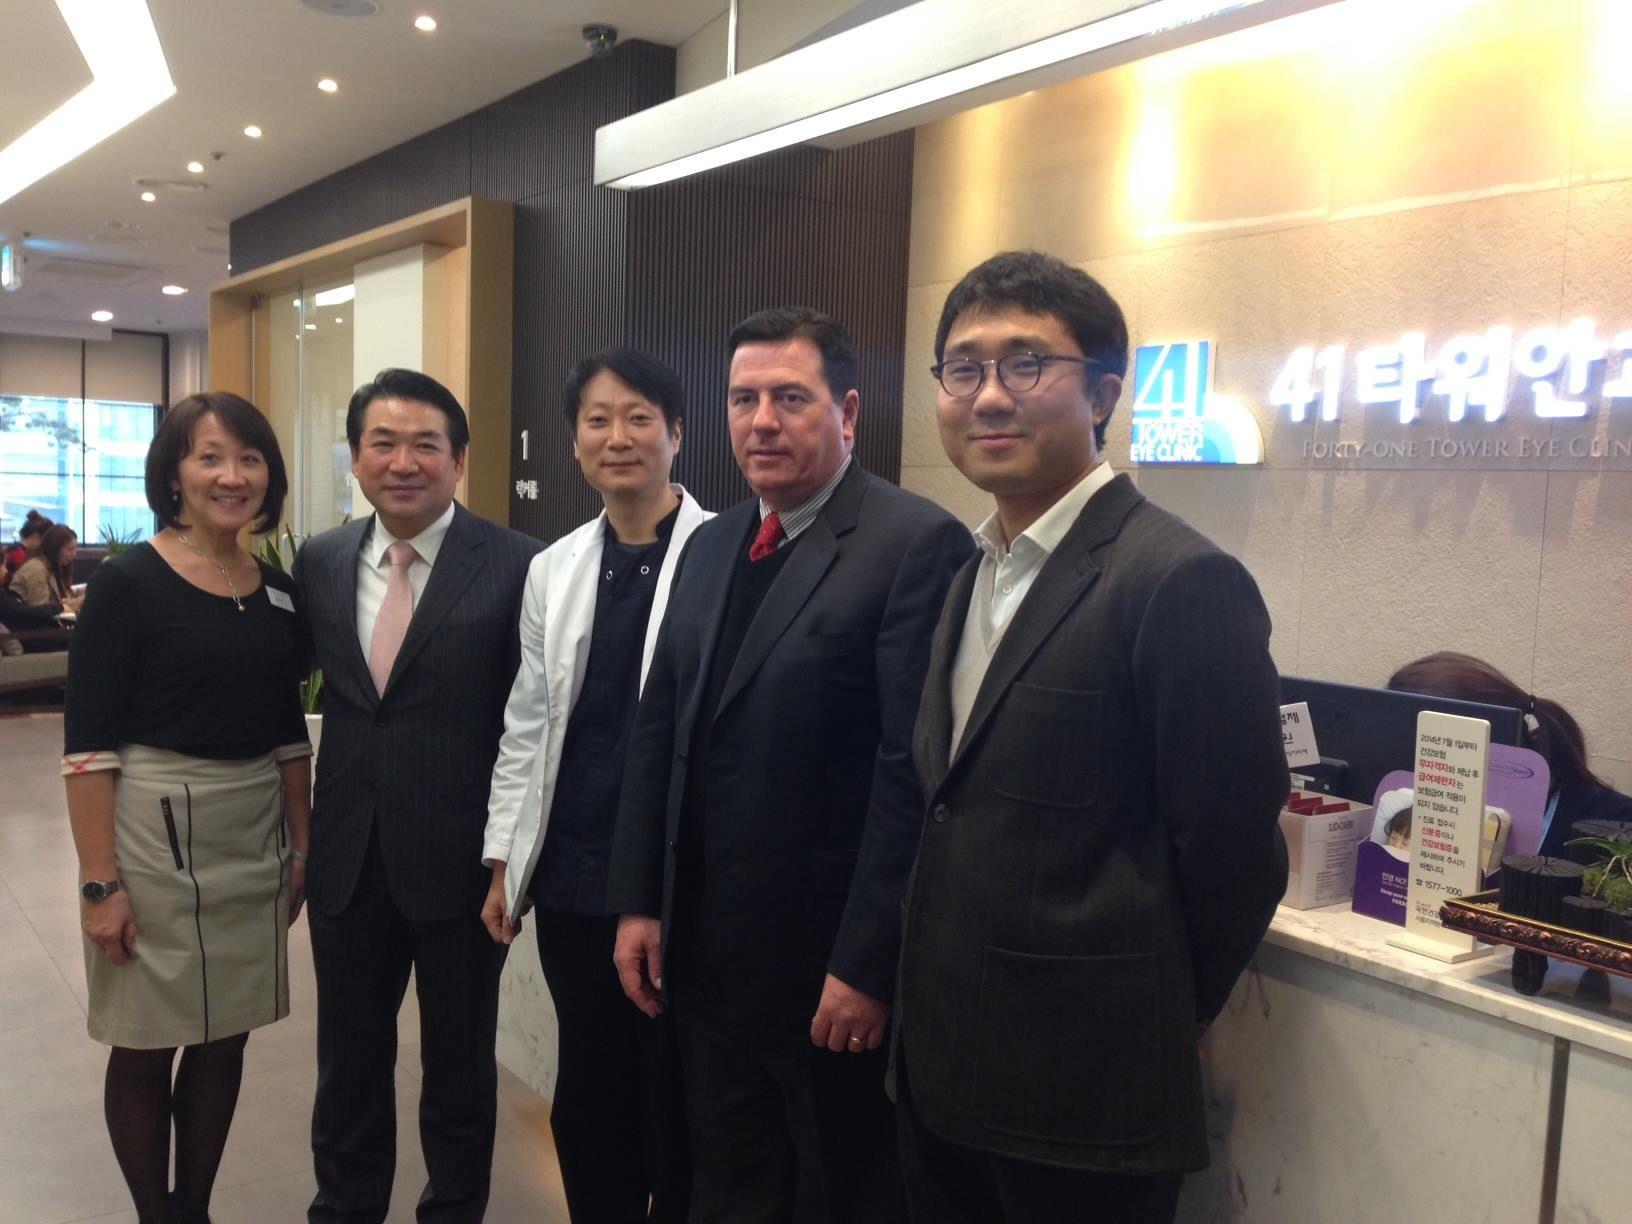 Dr. Enrique Barragán, oftalmólogo de Monterrey entrenando a médicos en Corea